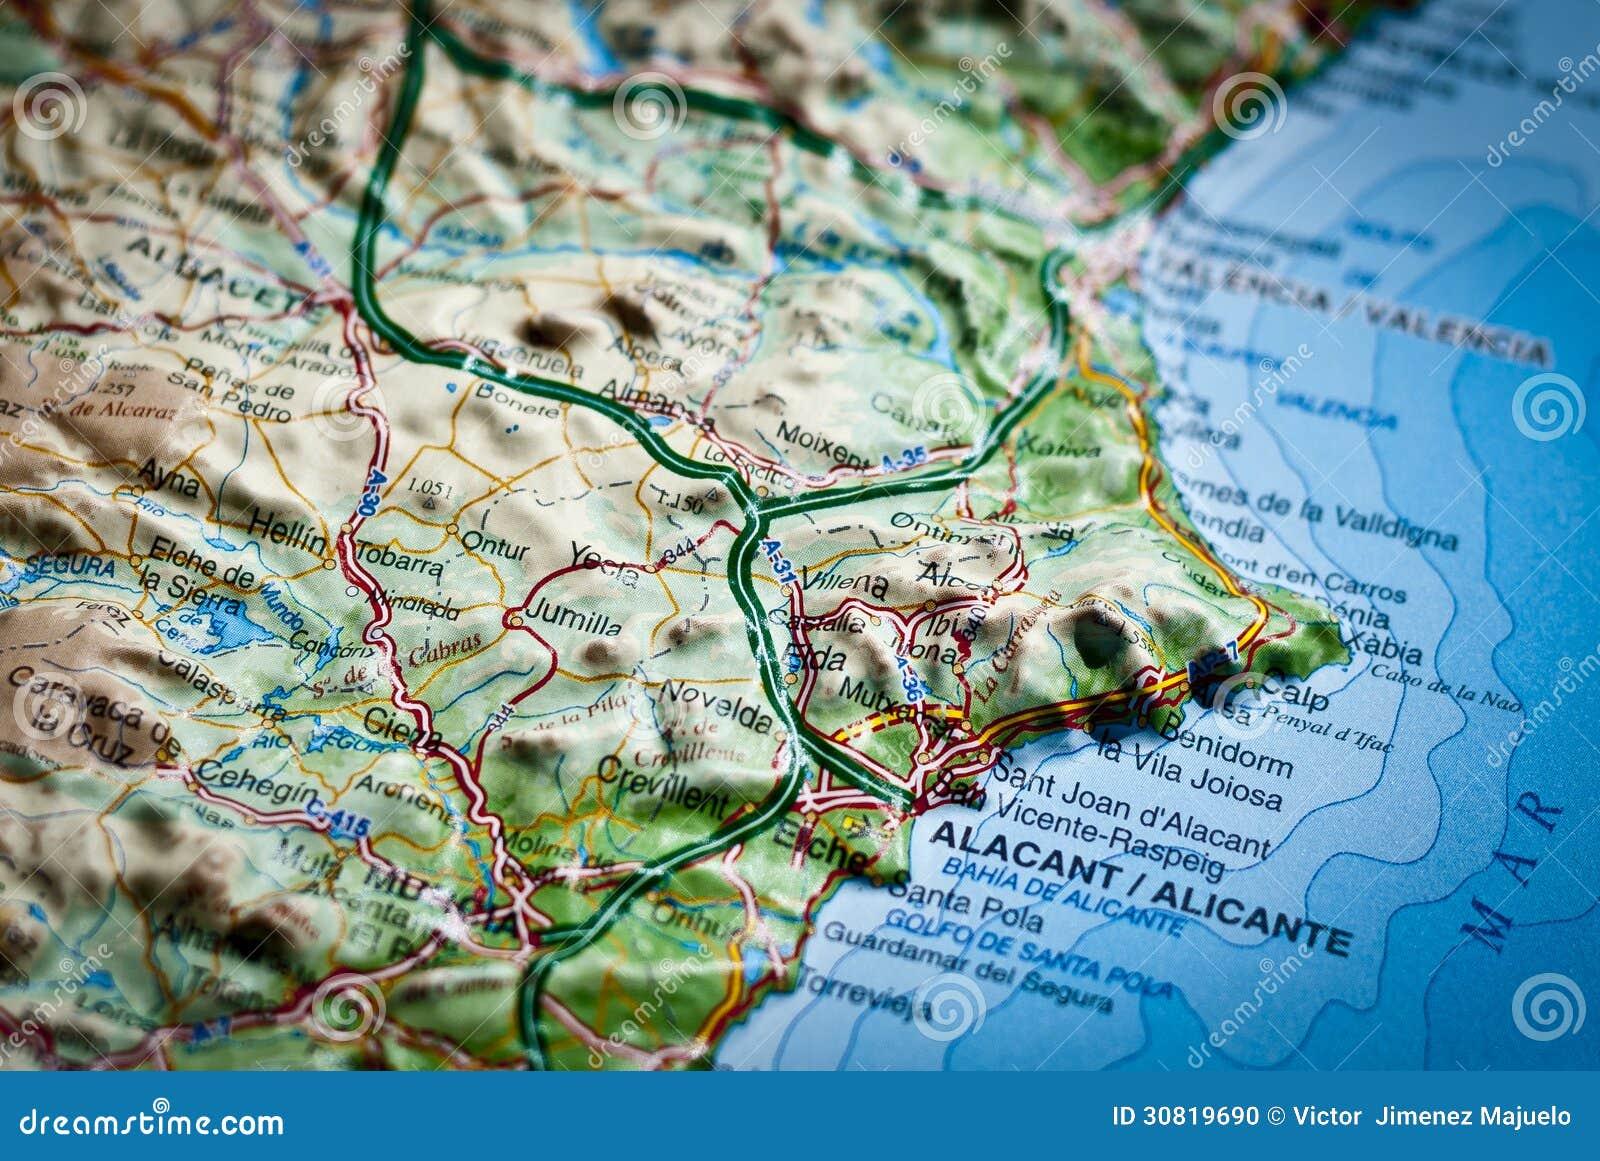 Alicante Espagne Carte Geographique.Carte Espagnole De Costa Blanca Alicante Espagne Photo